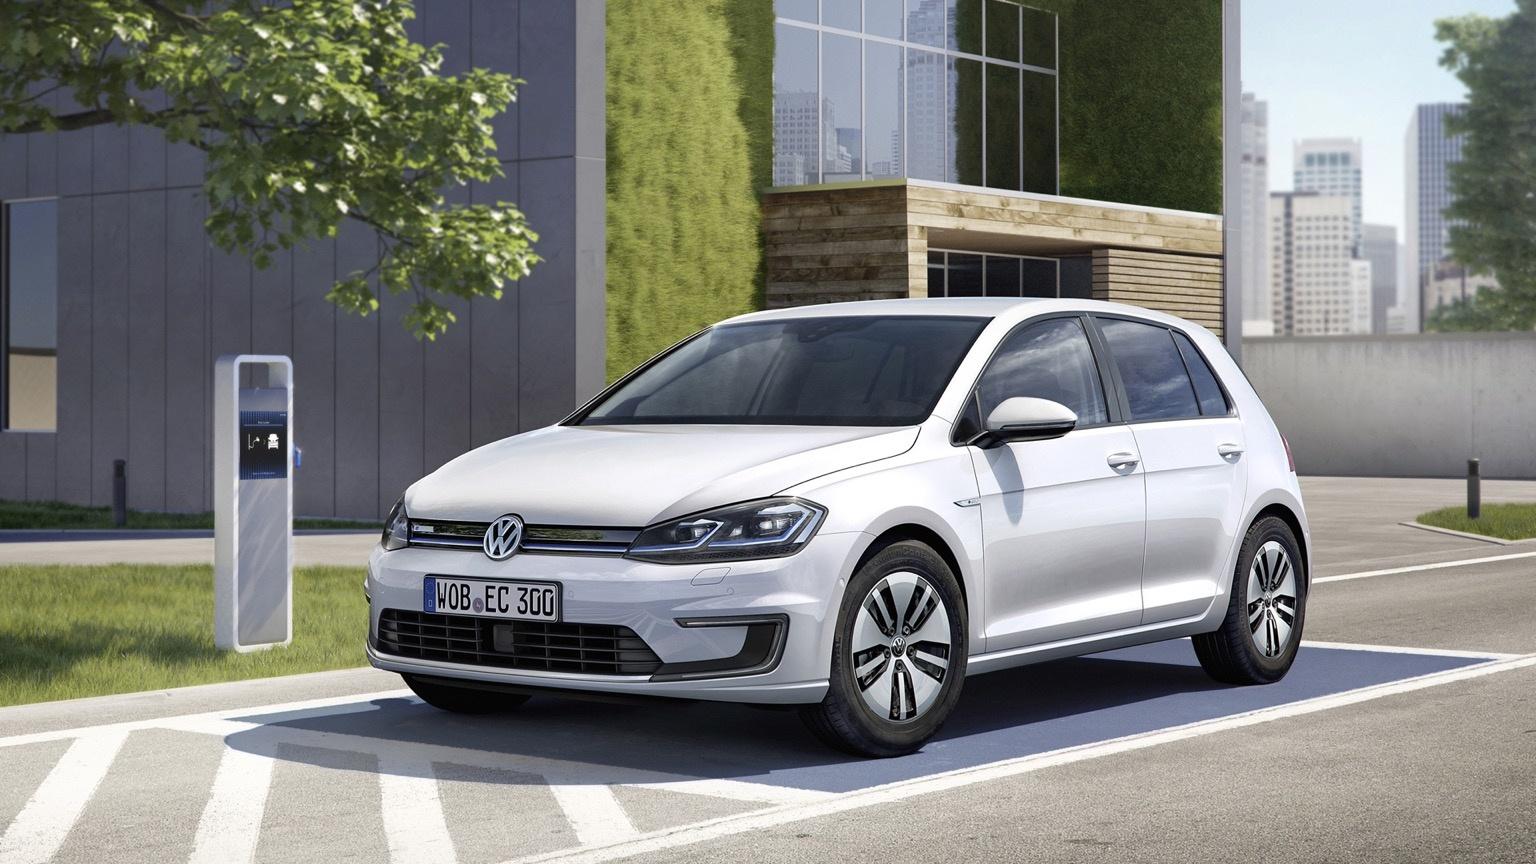 Elektrische auto onder de loep: Volkswagen e-Golf